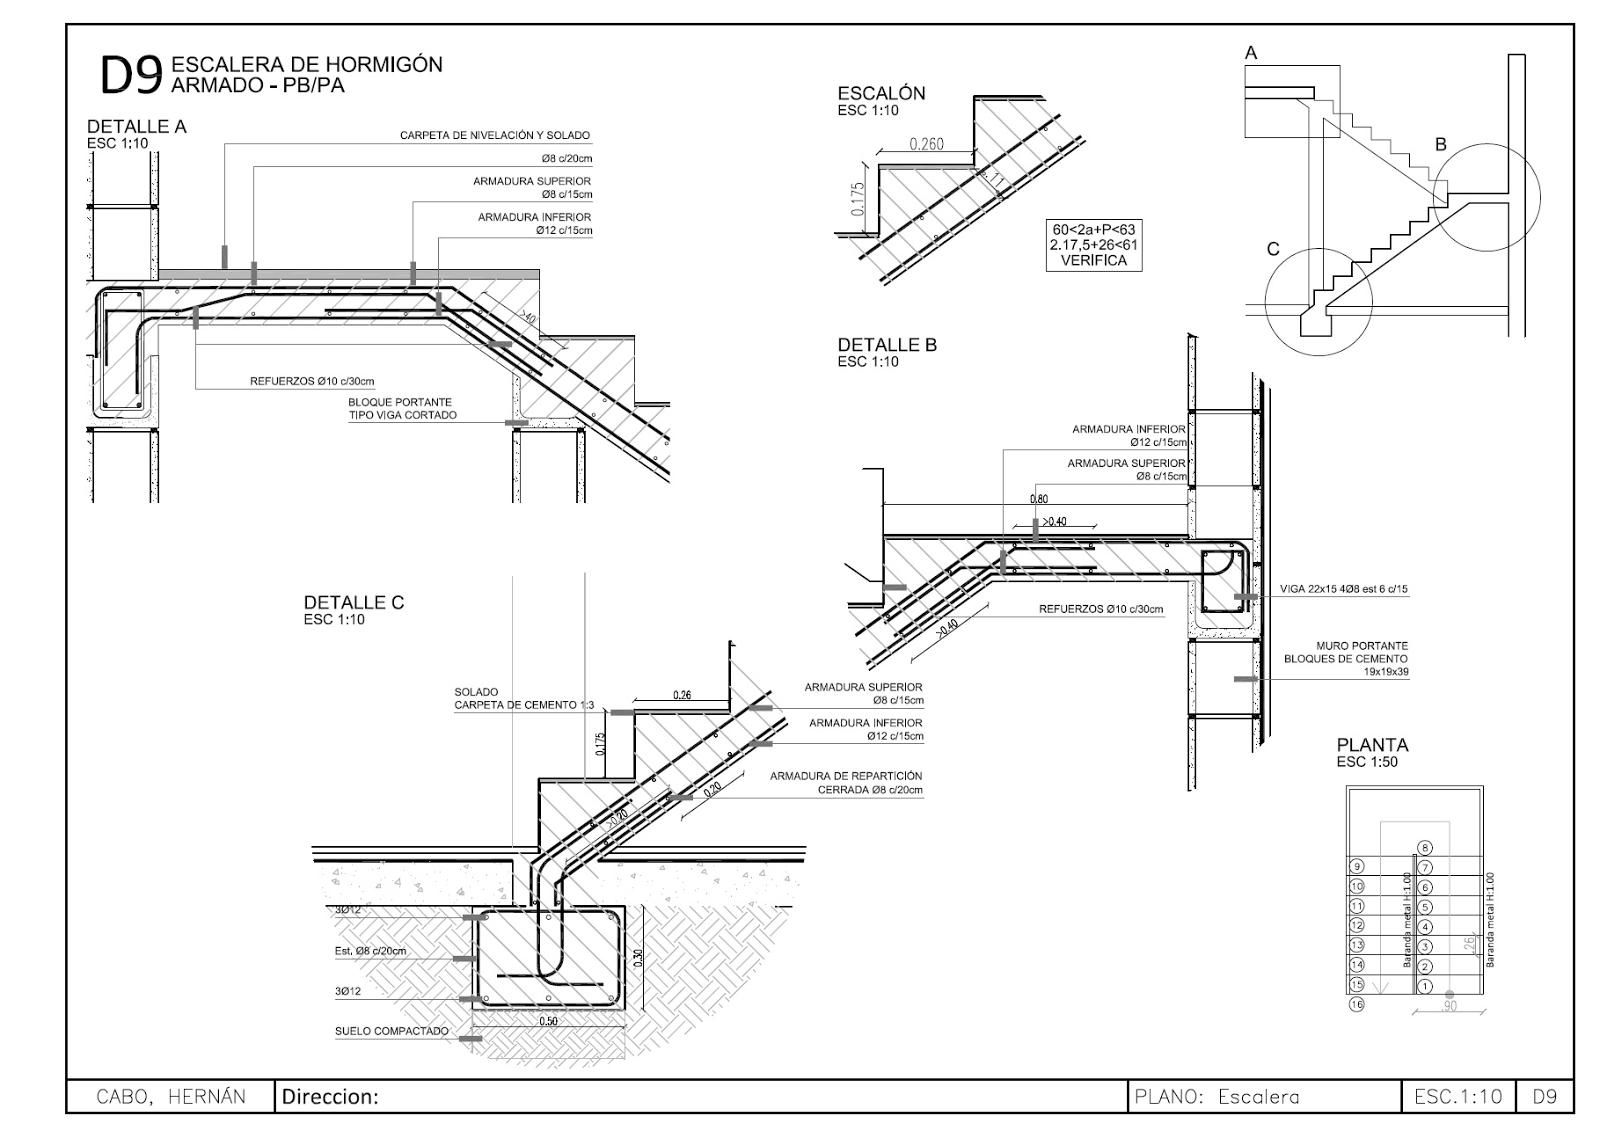 Detalles constructivos cad escalera de hormig n armado de for Estructuras arquitectura pdf